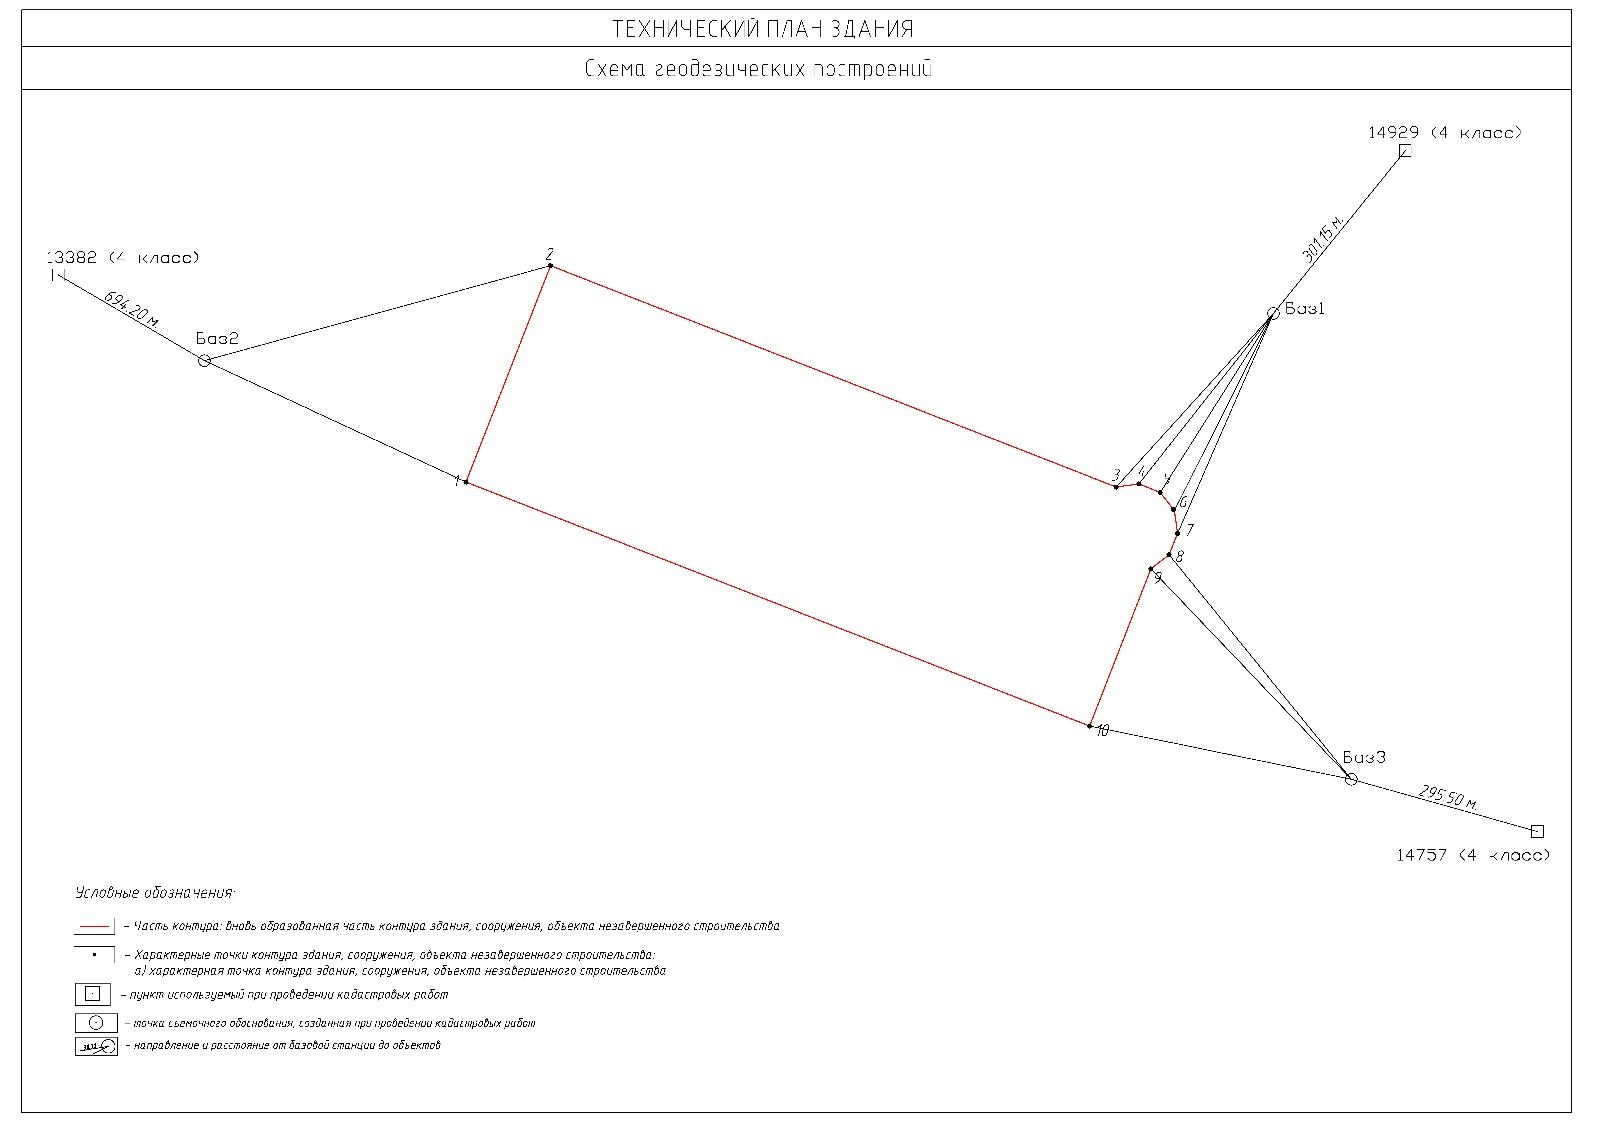 Схема геодезических построений